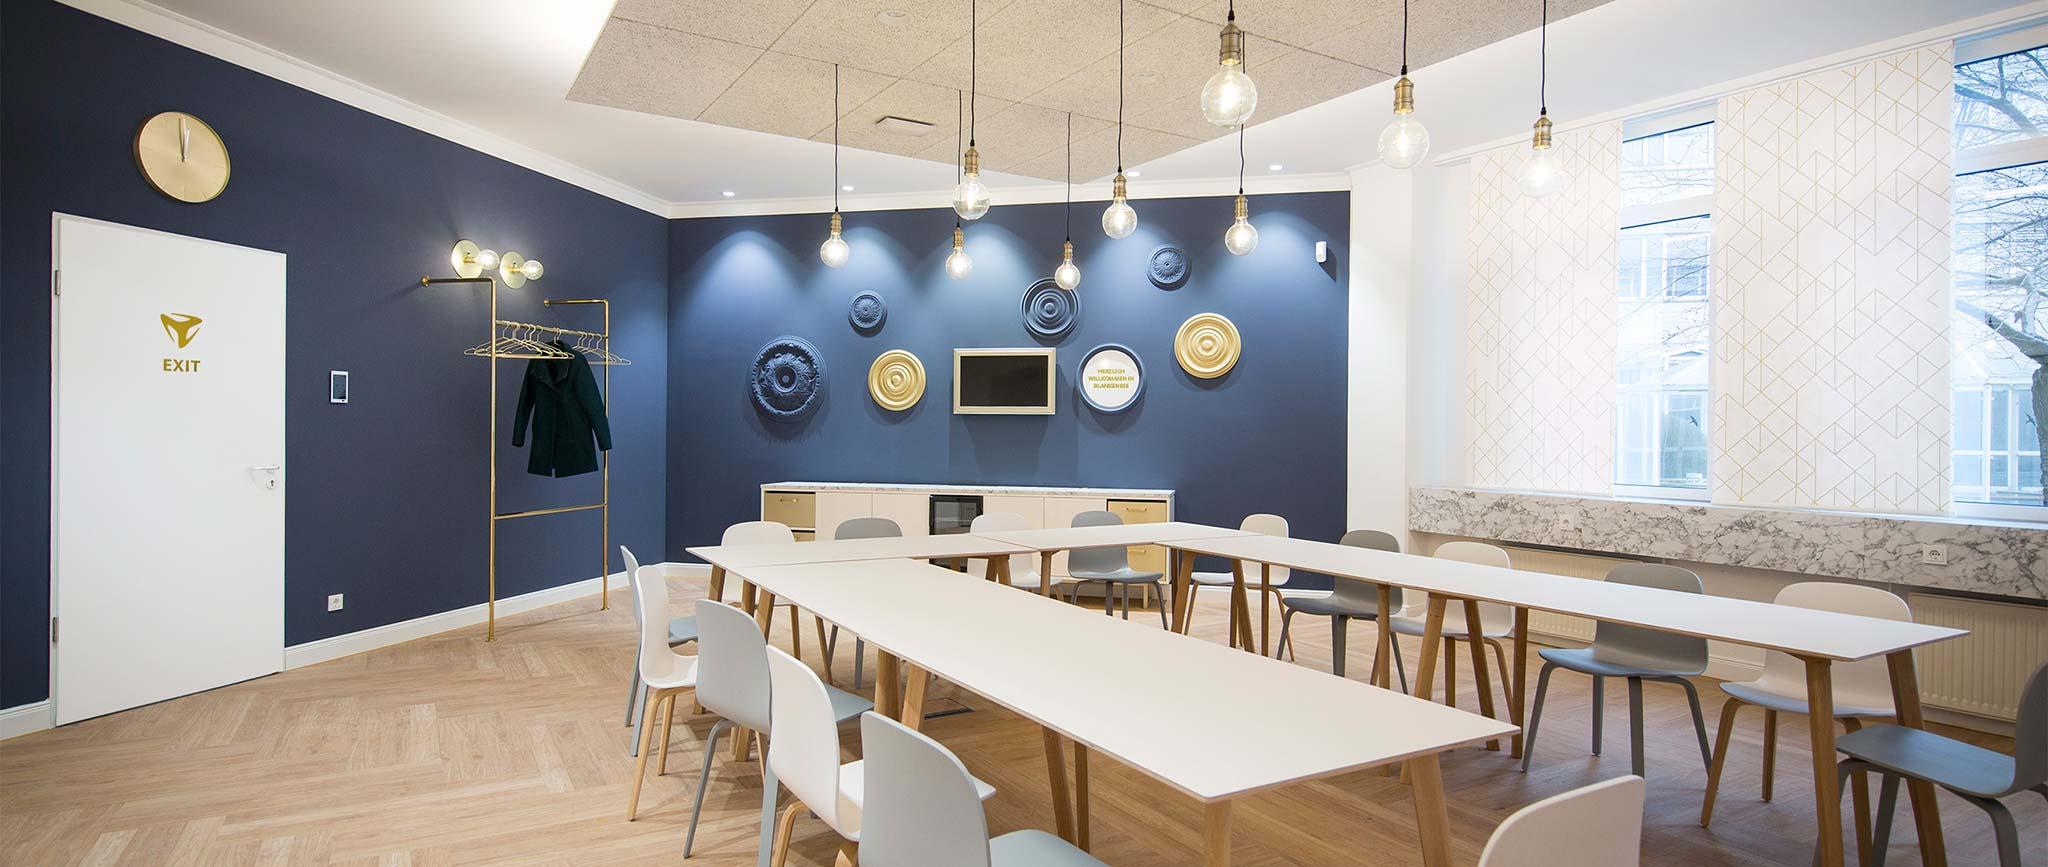 Der freenet Group Campus Hamburg: Raum Blankense, Design von der Agentur Preussisch Portugal